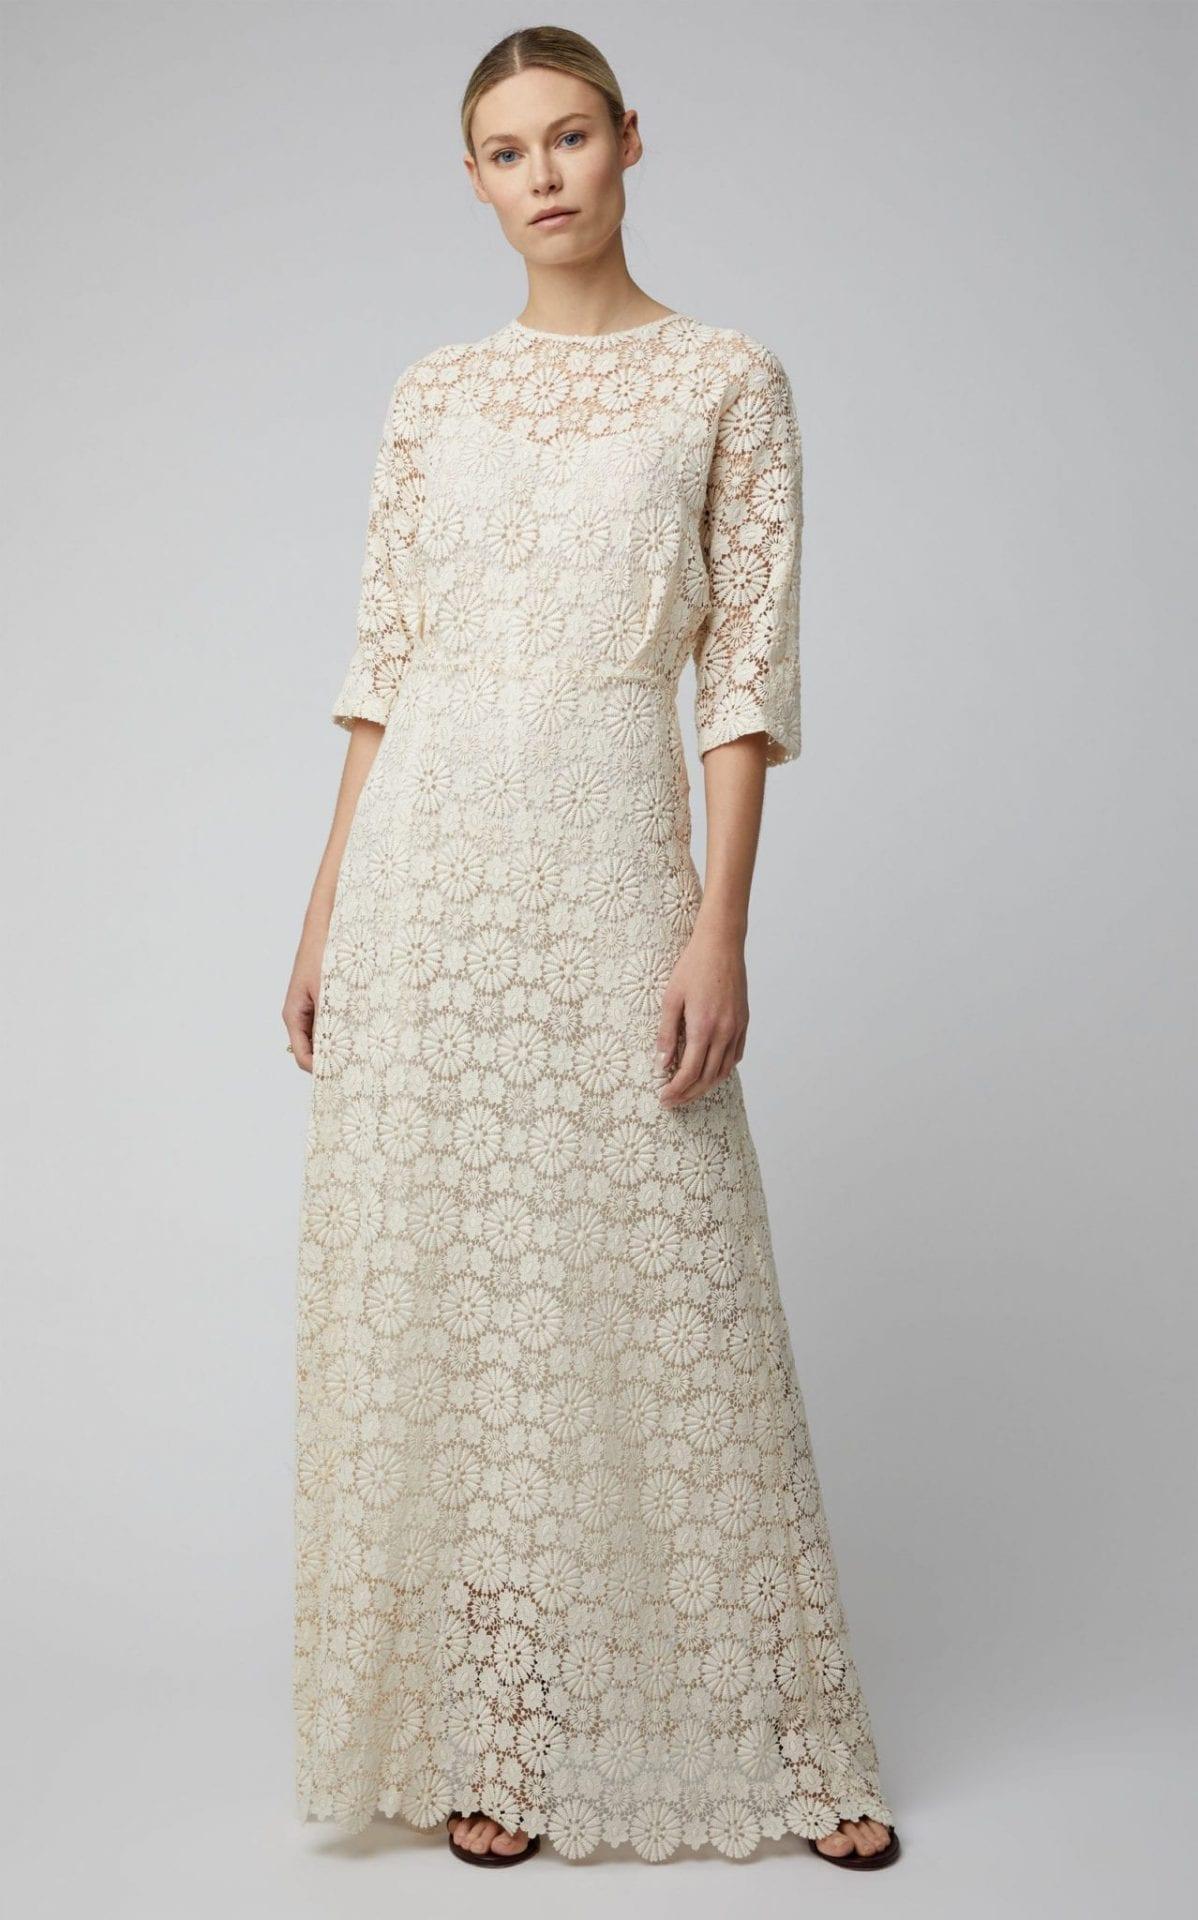 MANSUR GAVRIEL Guipure Lace Maxi White Dress